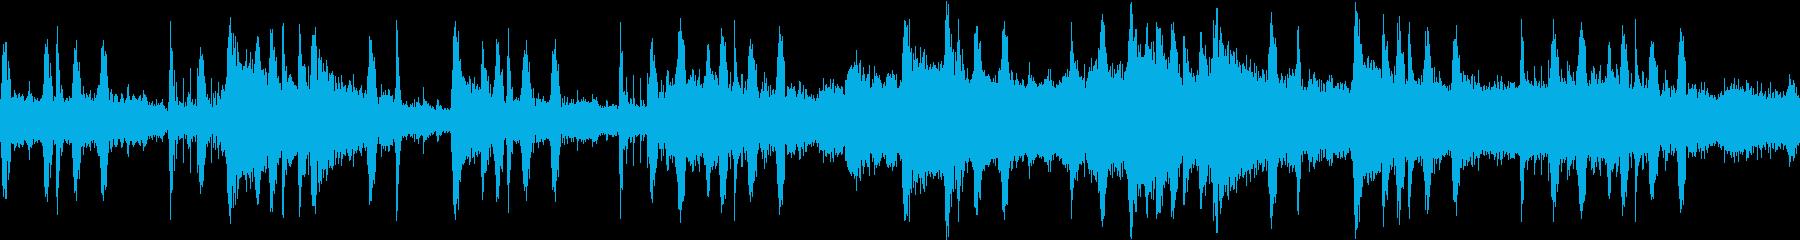 お洒落なBARで流れてそうなループBGMの再生済みの波形